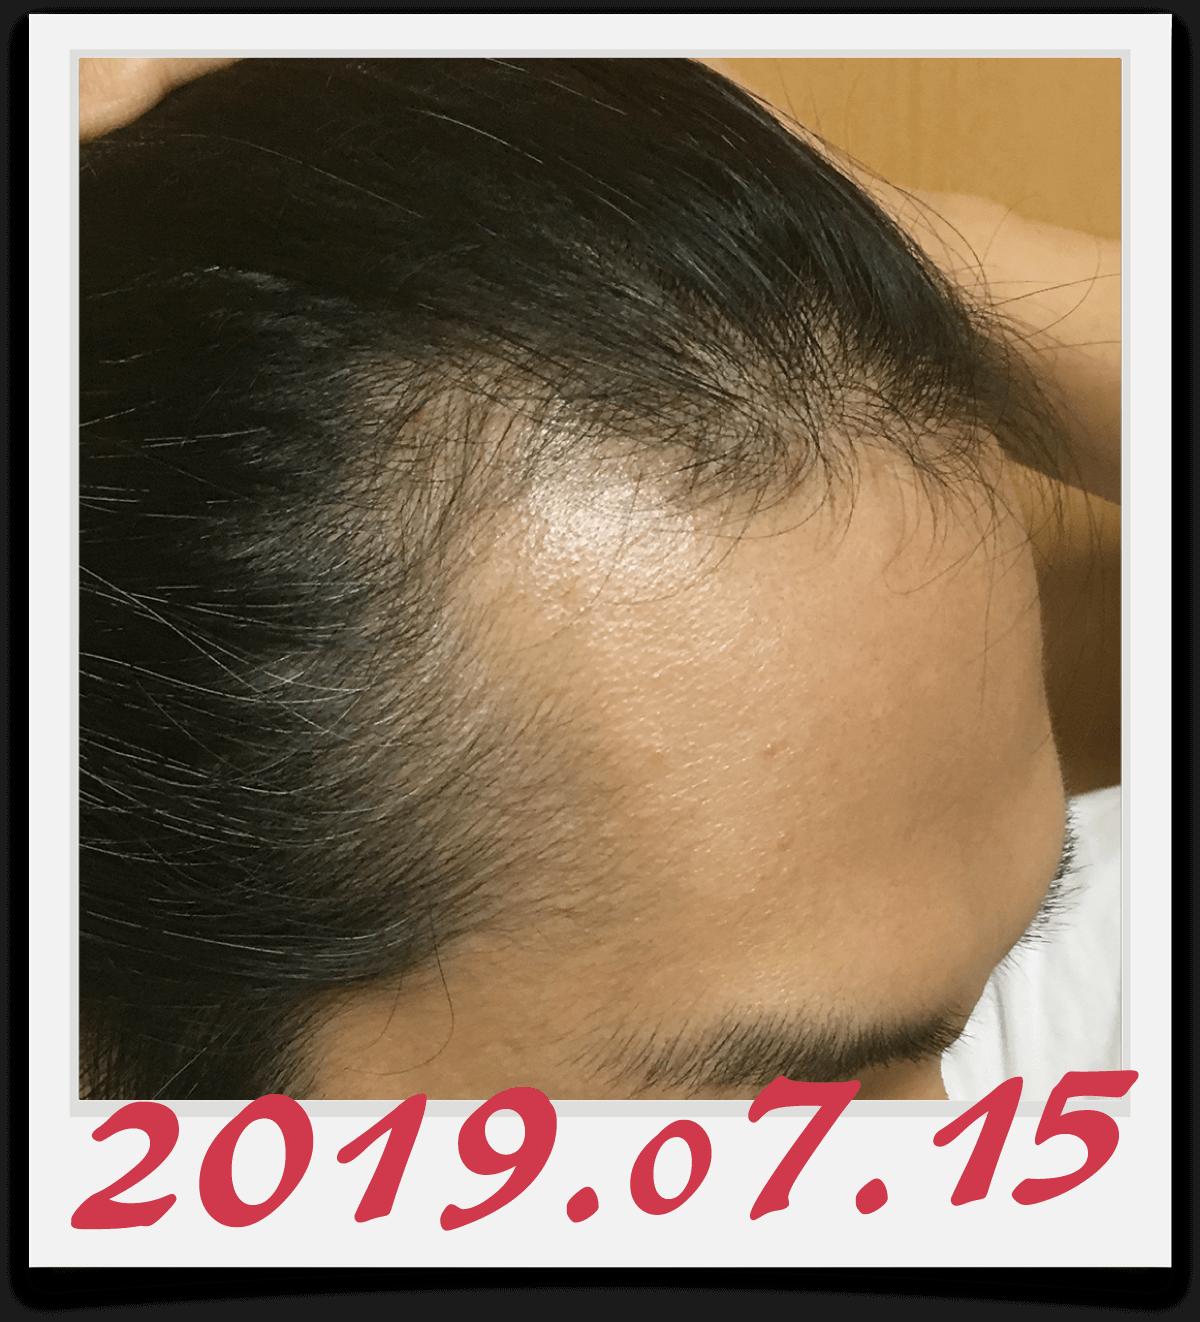 2019年7月15日に撮影した右側の生え際